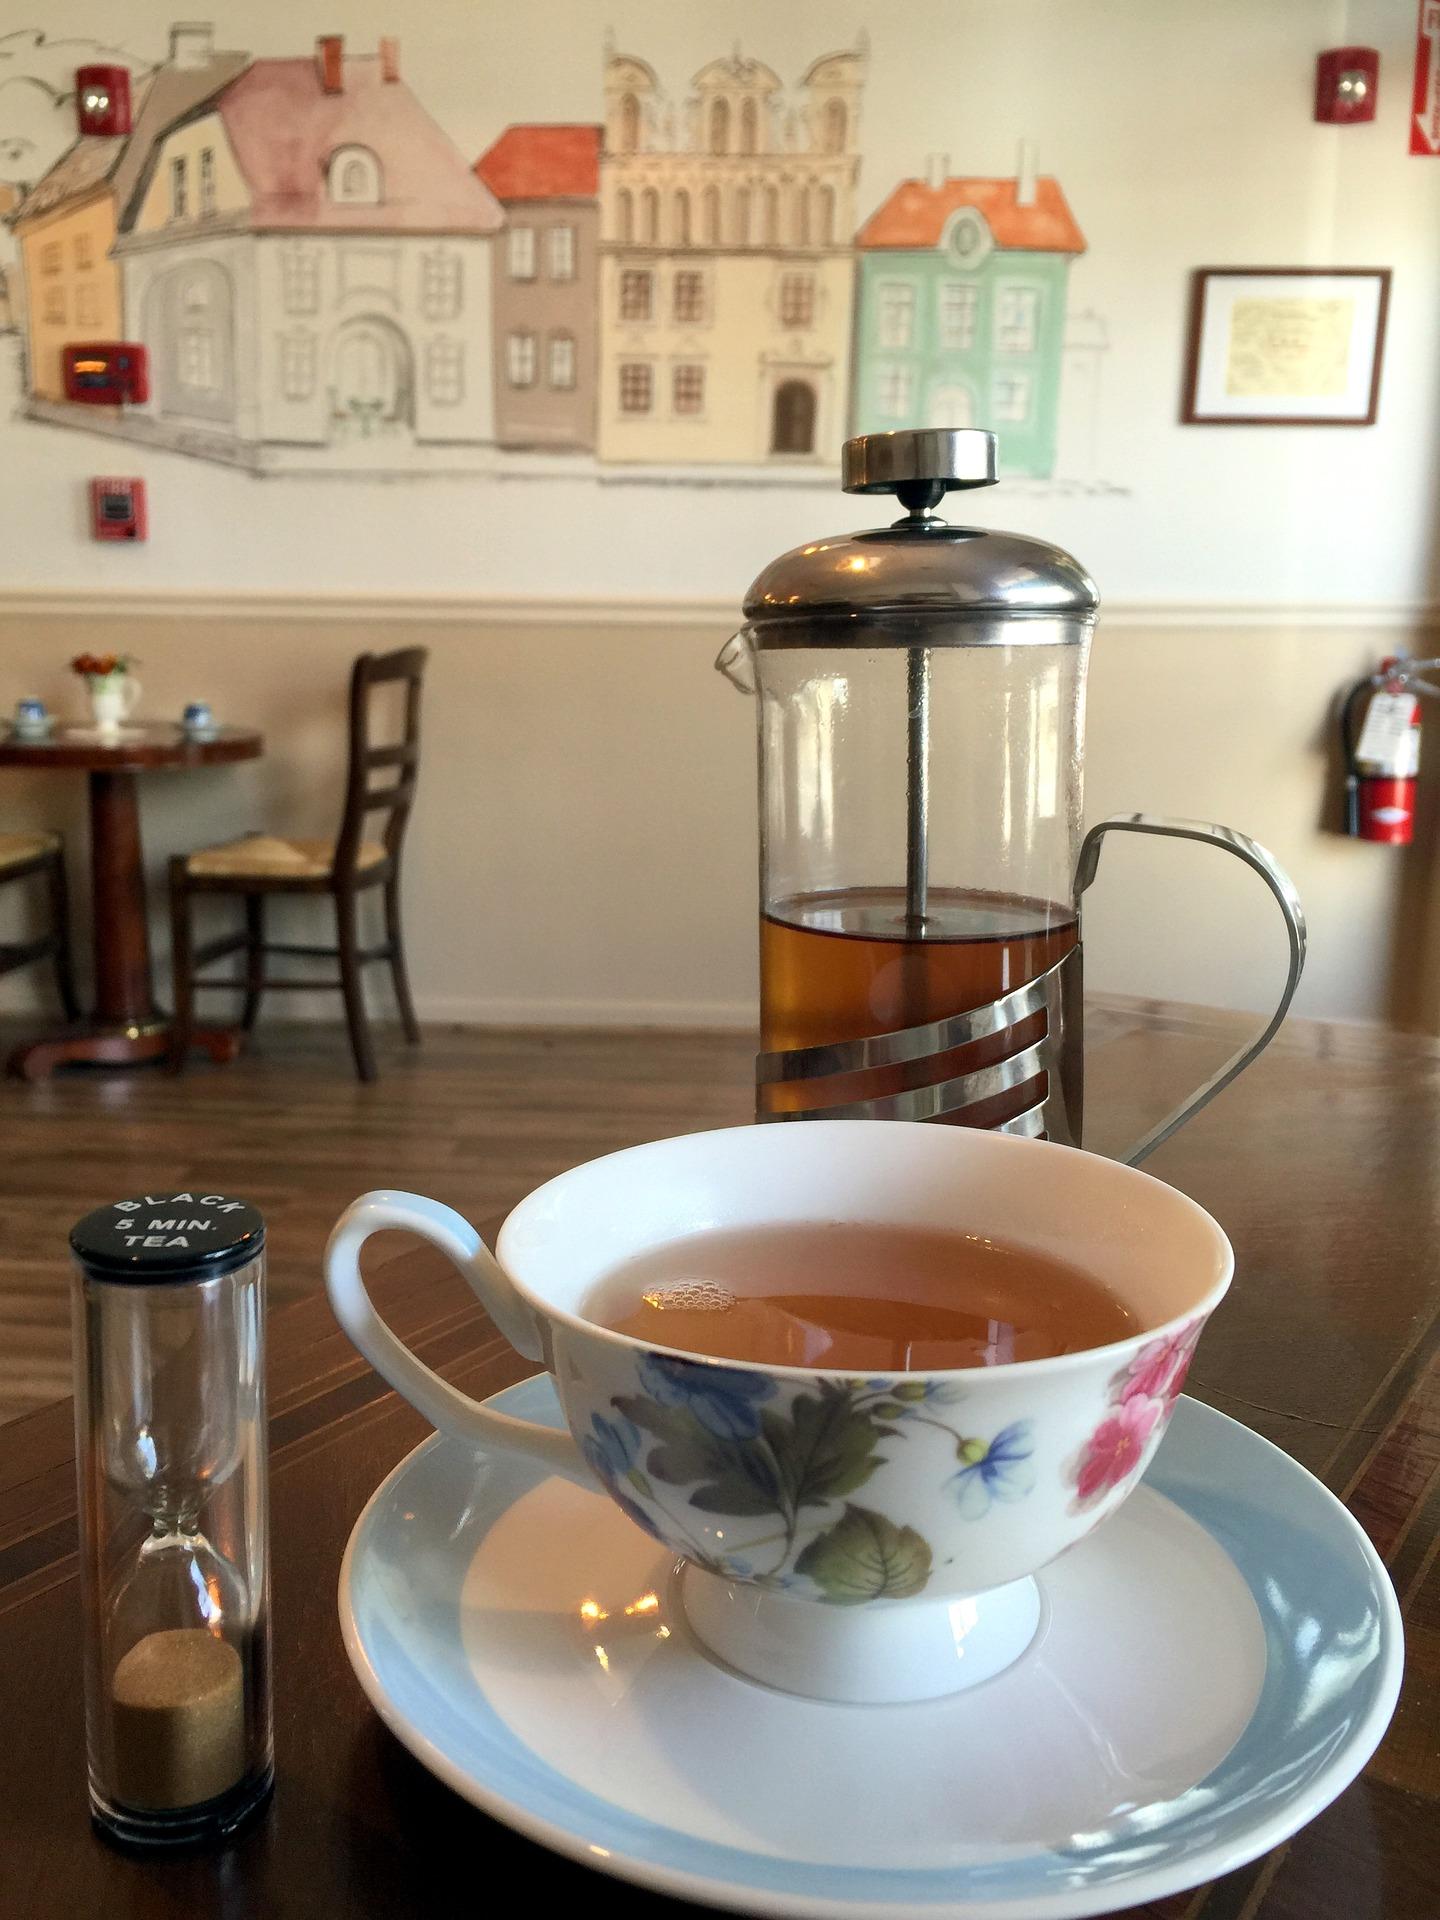 tea-shop-1890177_1920